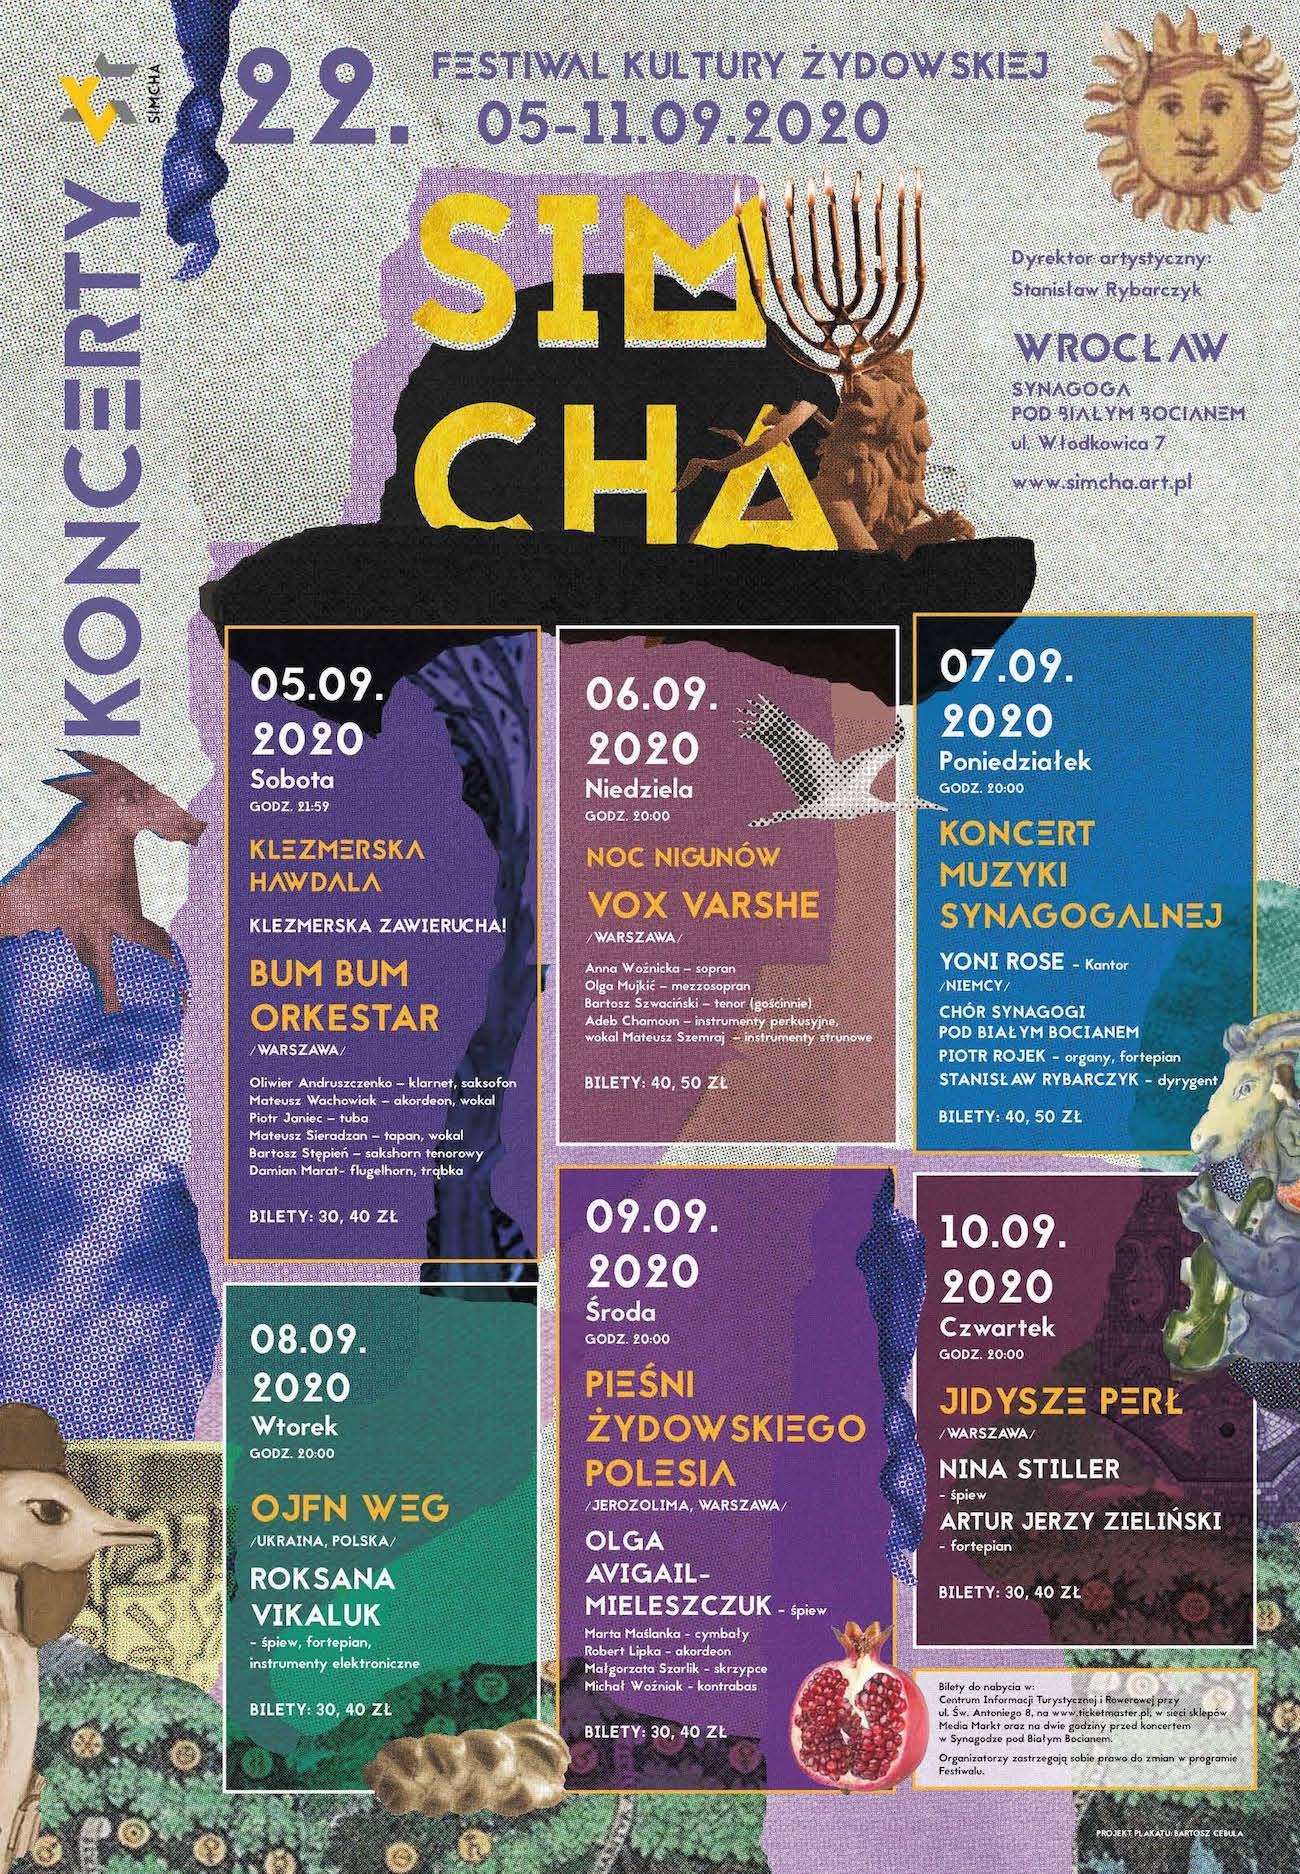 festiwal-kultury-zydowskiej-simcha-2020-program